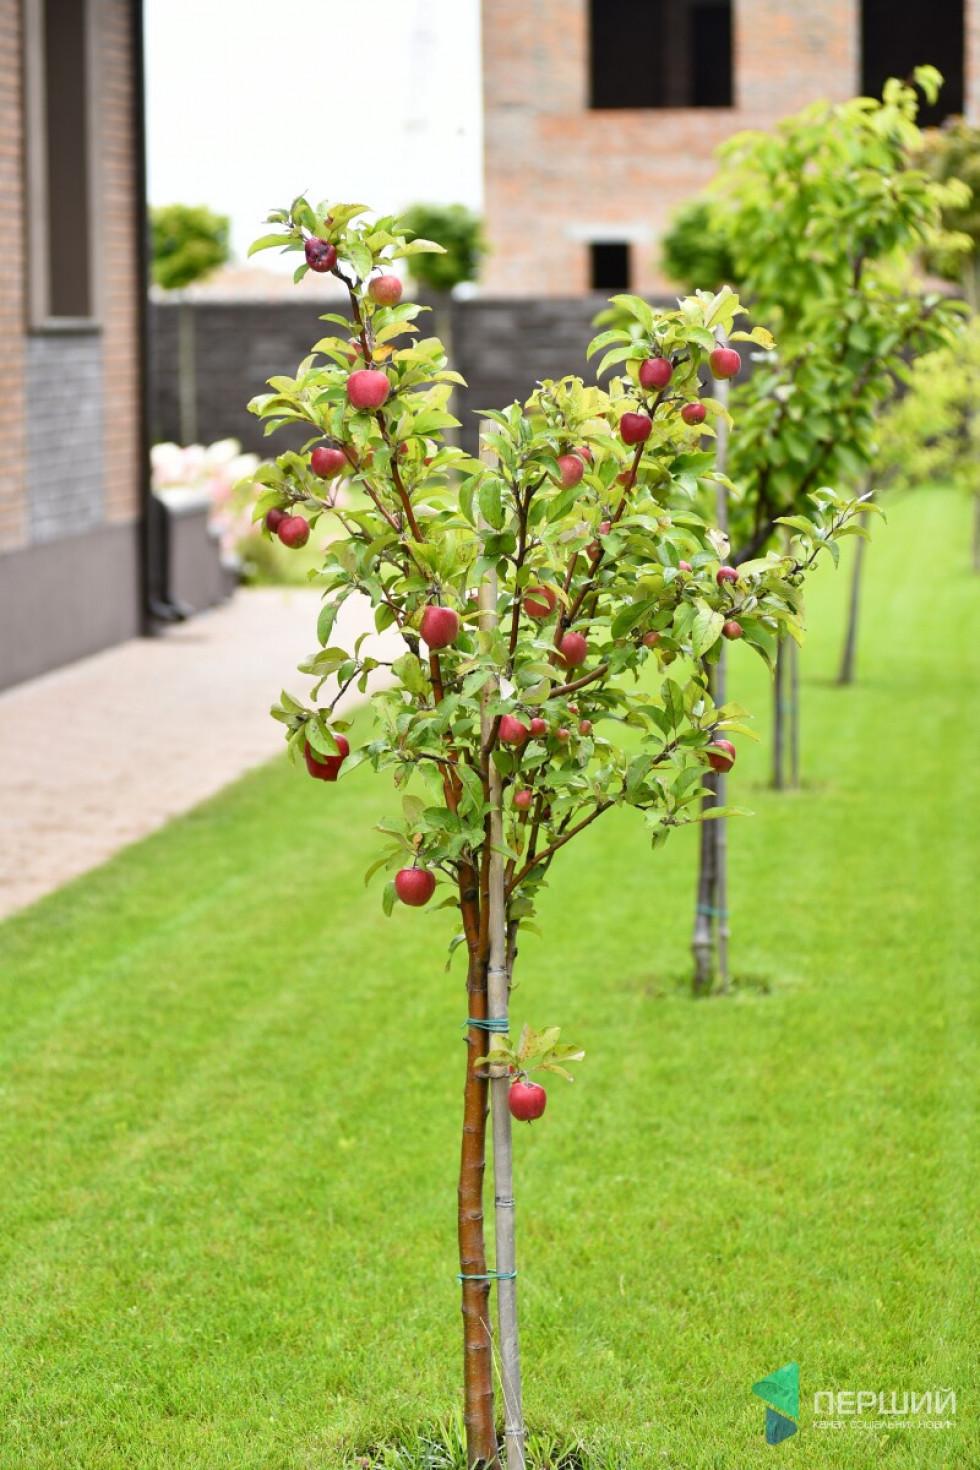 Усі дерева Андрій Разумовський садив сам. Каже, черешні та абрикоси уже з'їли, тепер дозрівають яблука